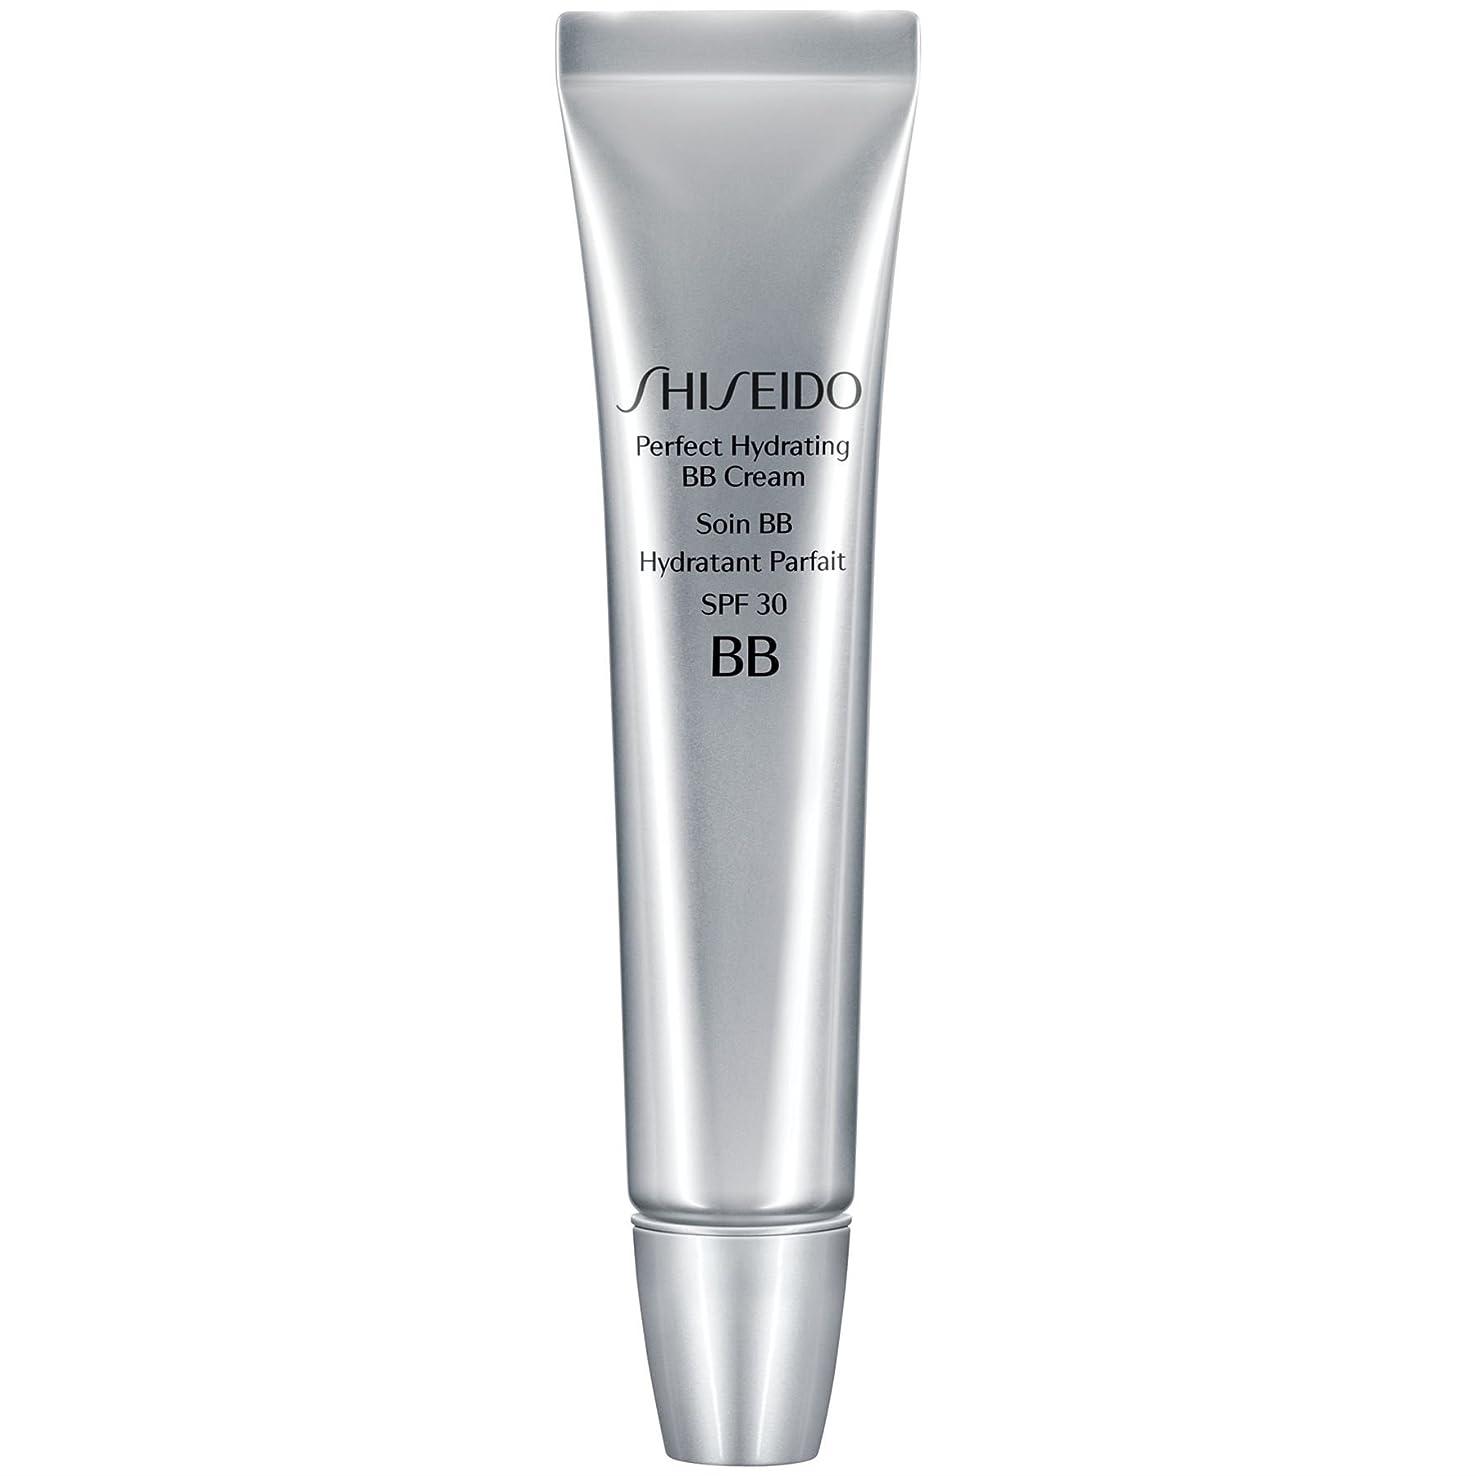 反対にジェムコイン[Shiseido ] 資生堂完璧な水和BbクリームSpf 30 30ミリリットル媒体 - Shiseido Perfect Hydrating BB Cream SPF 30 30ml Medium [並行輸入品]